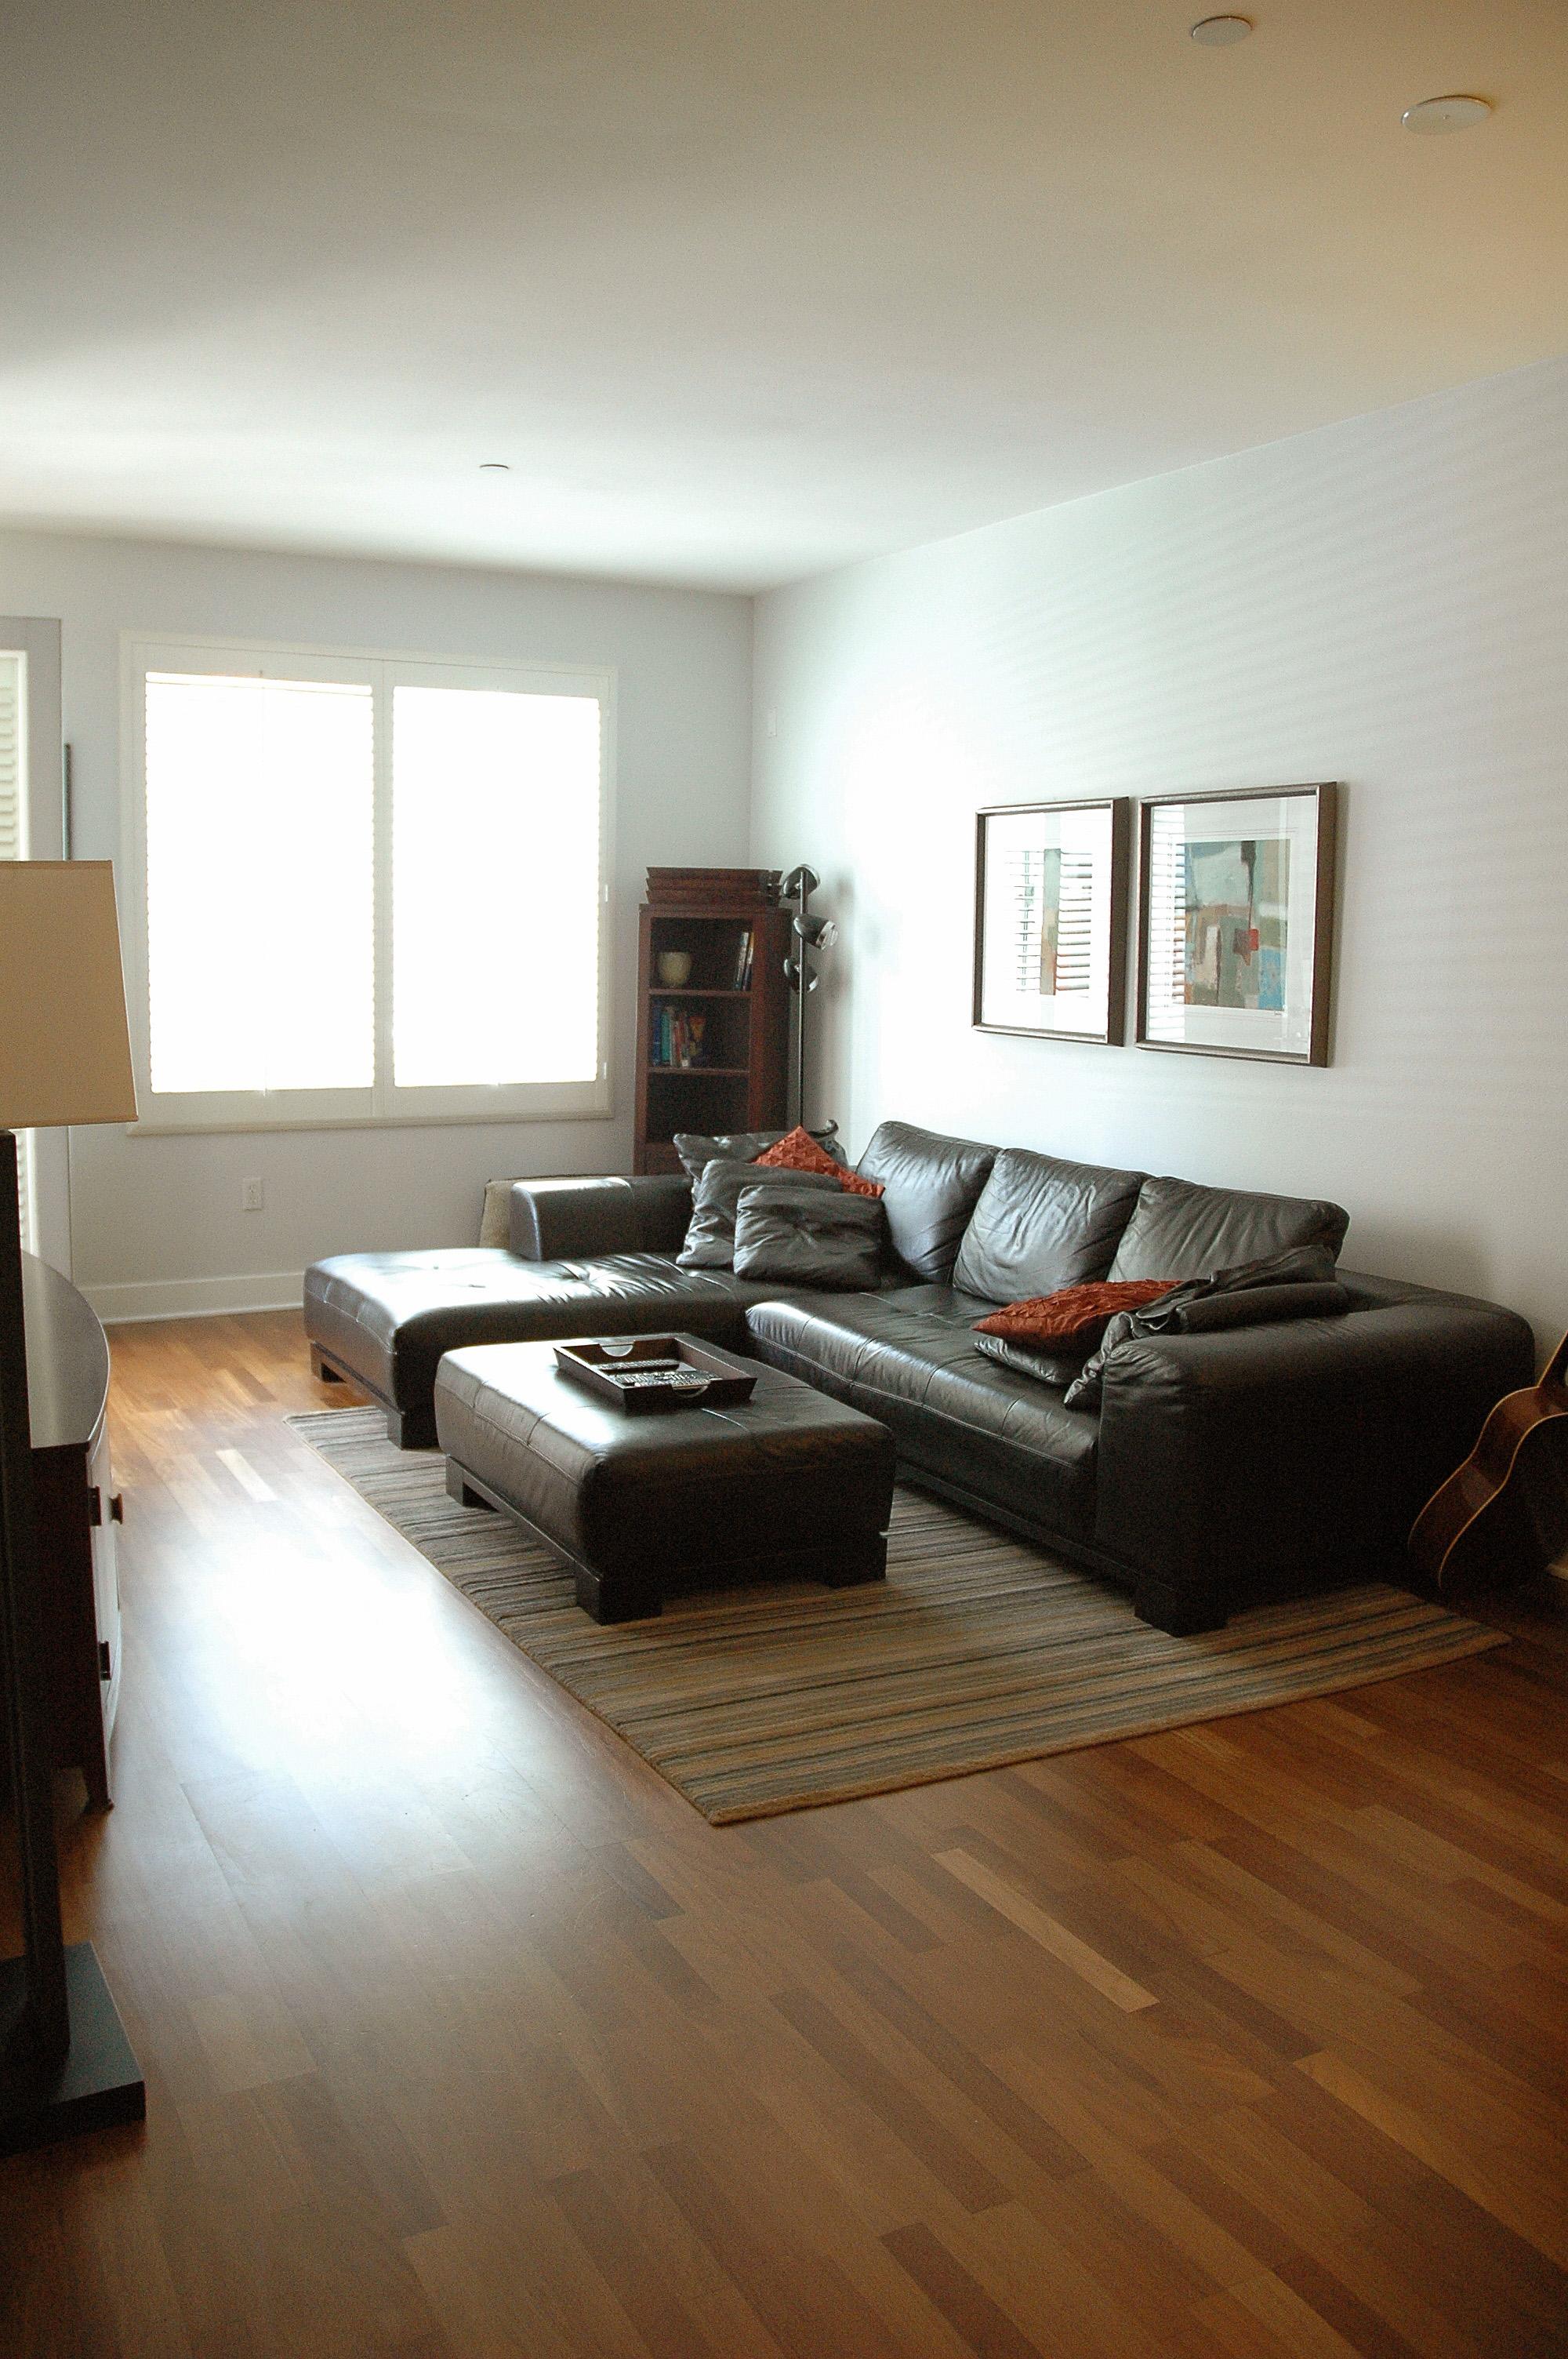 211-living-room-2_7269530570_o.jpg